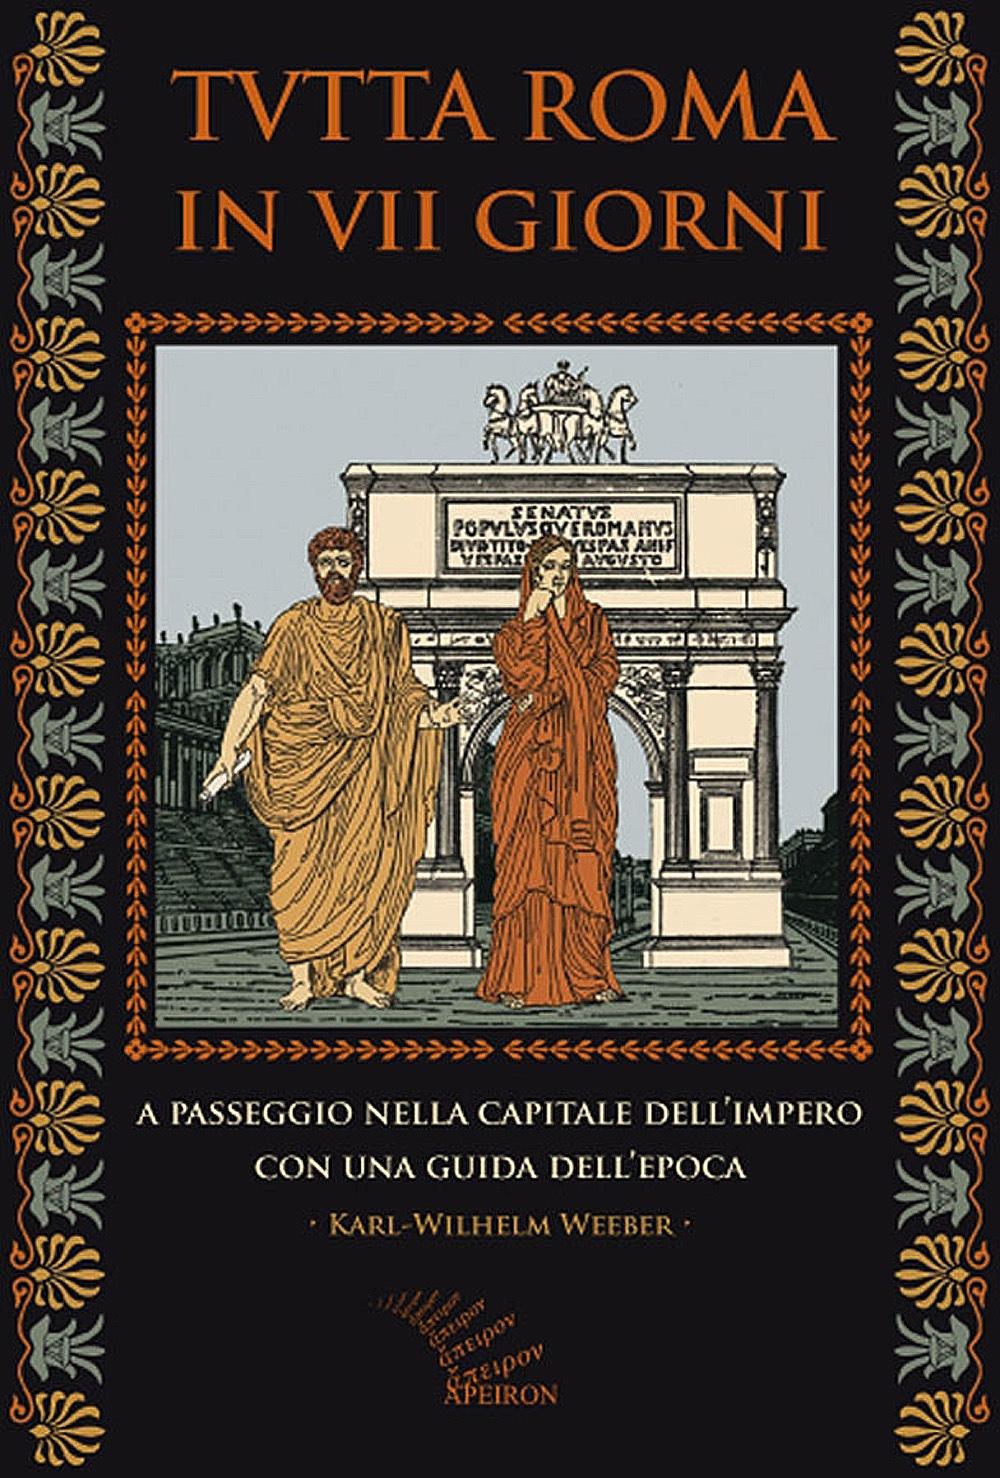 Tutta Roma in VII giorni. A passeggio nella capitale dell'Impero con una guida dell'epoca